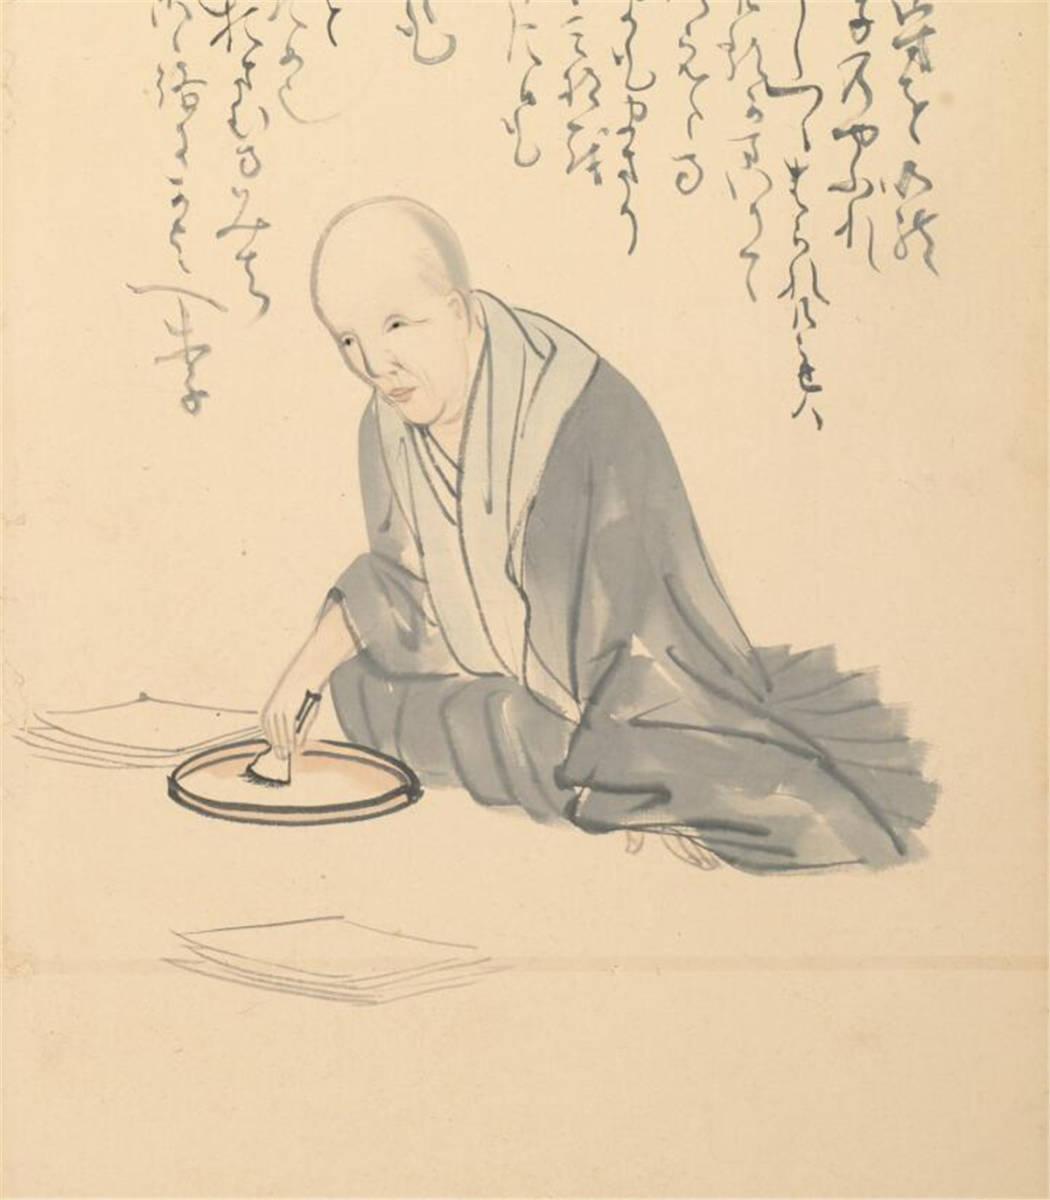 江戸後期の画家 絵画 閑散随筆146.5 *330.7cm_画像8